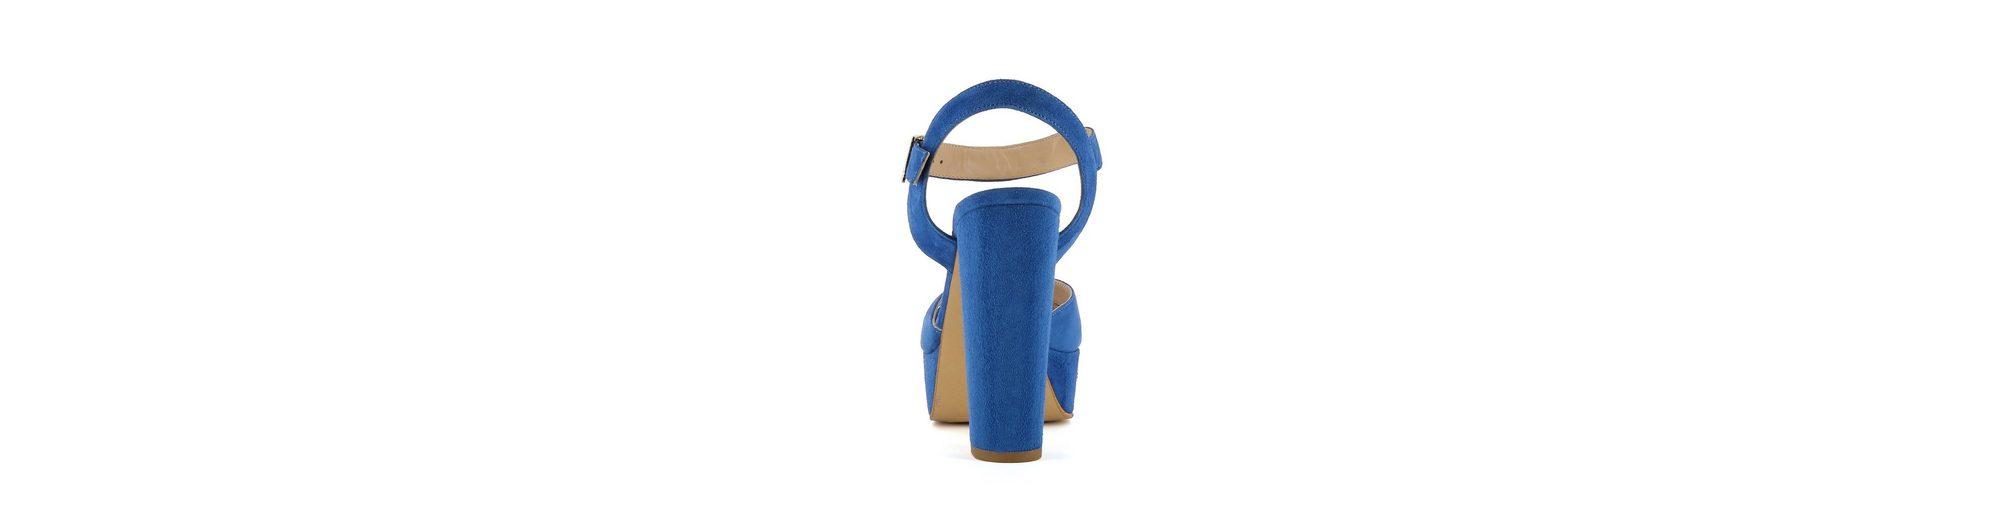 Bestes Geschäft Zu Bekommen Günstigen Preis Evita LANA Sandalette Steckdose Neuesten Holen Sie Sich Die Neueste Mode Steckdose Shop Niedriger Versand sfdrVE